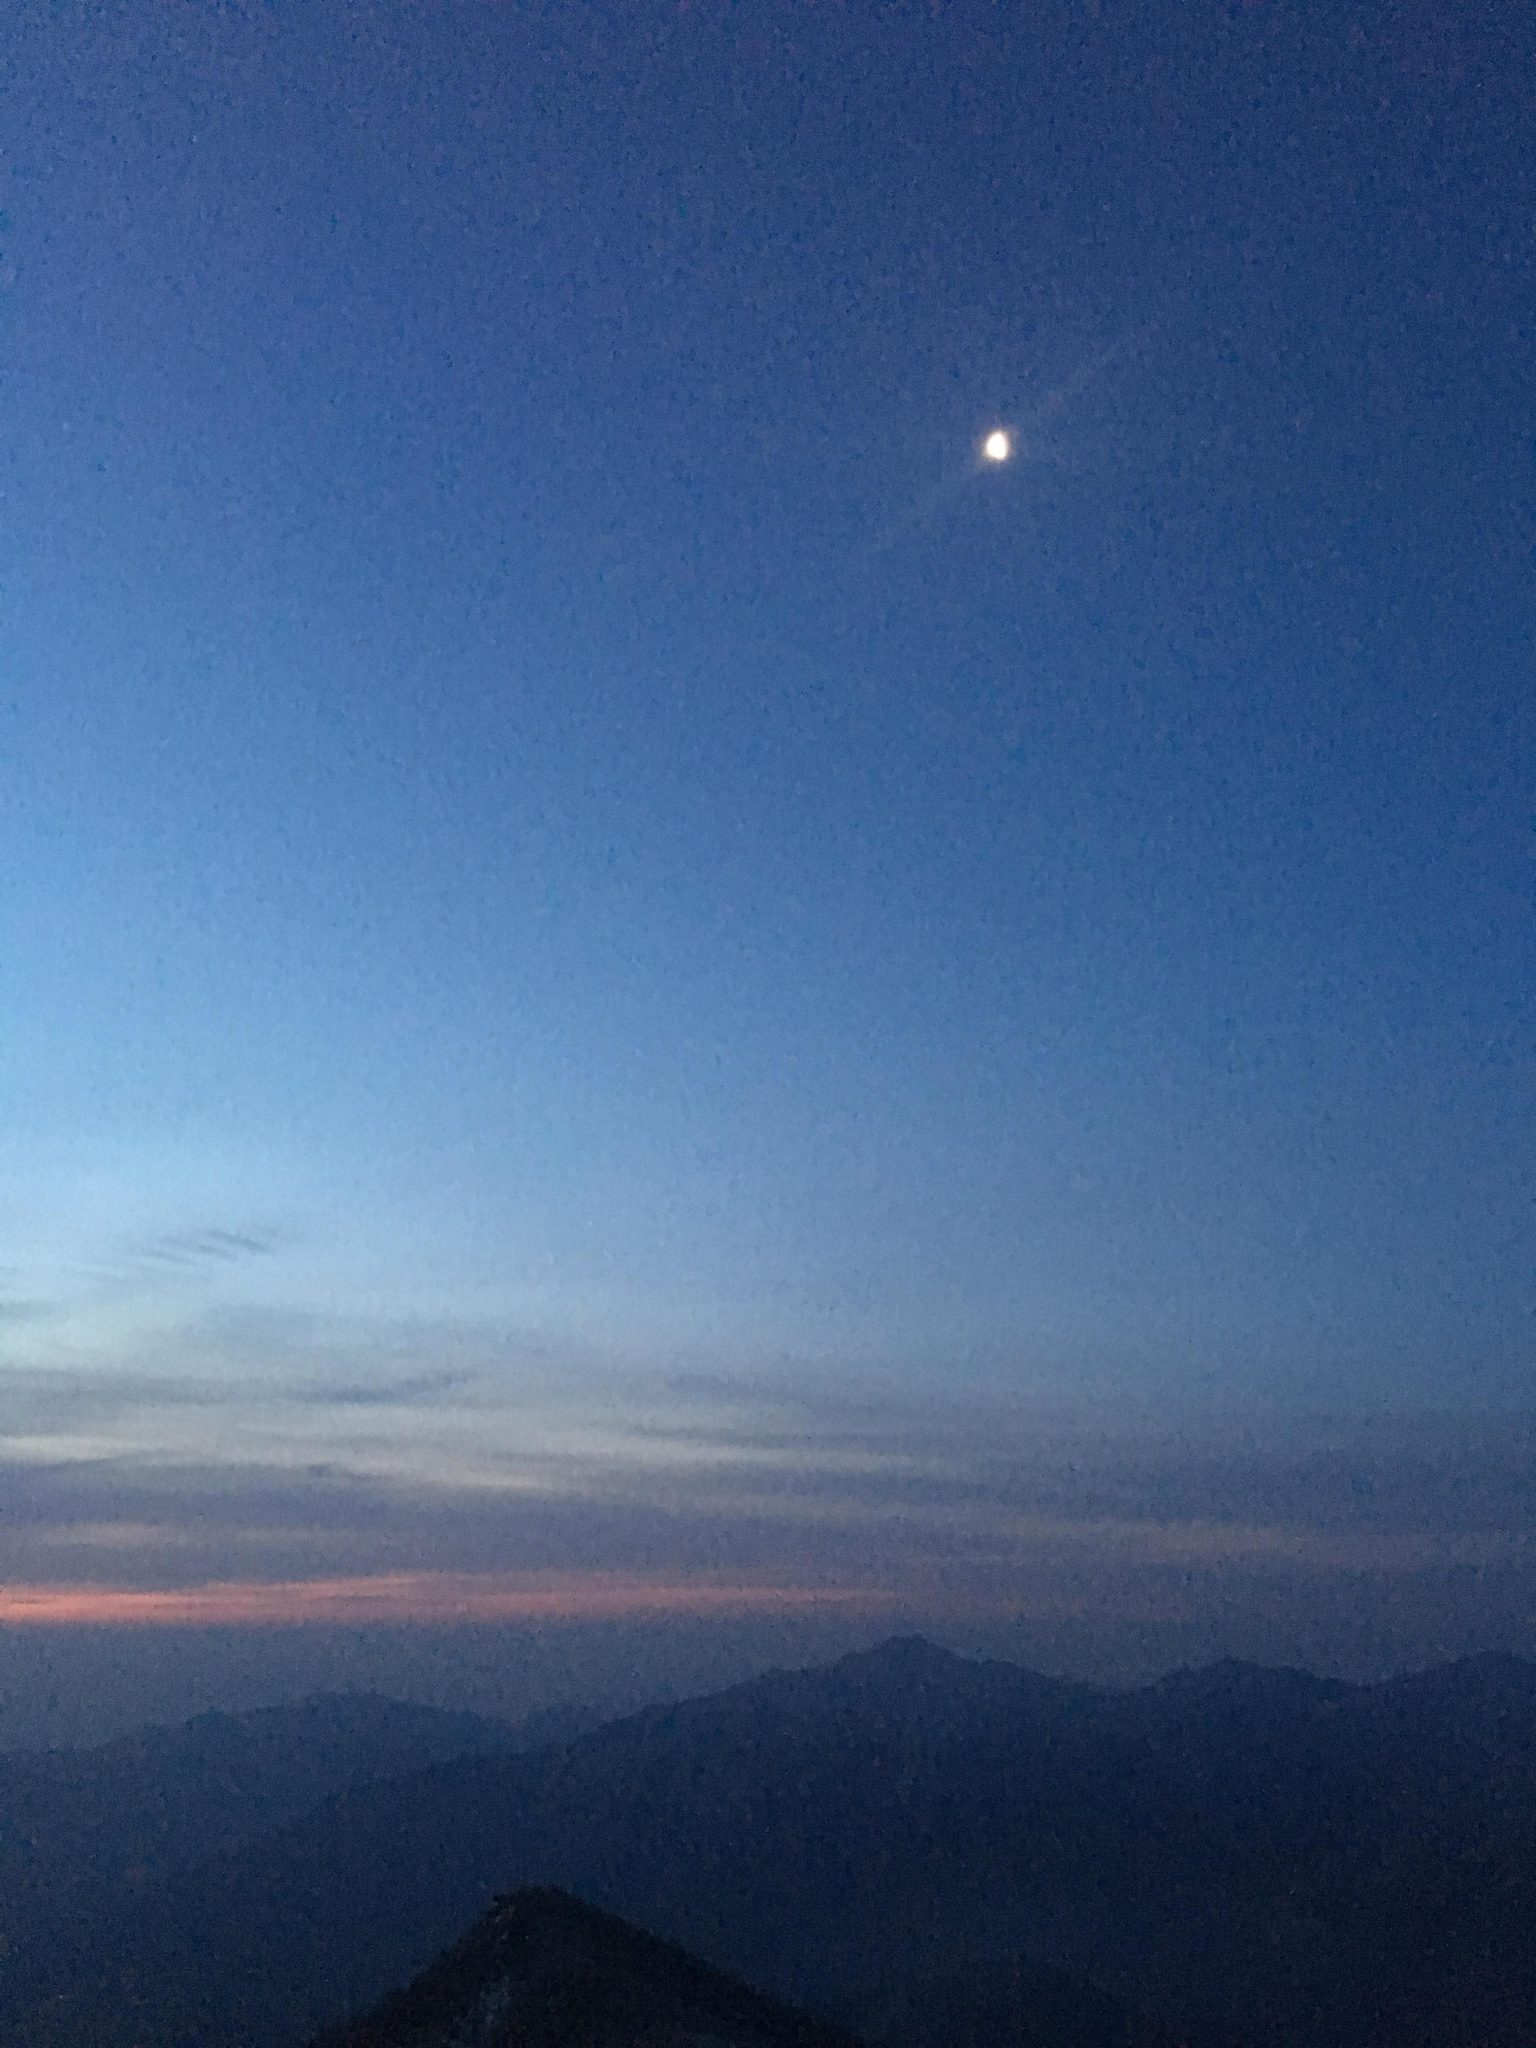 별은 볼 수 없었지만, 아직 달은 중천에서 비치고 있었다.